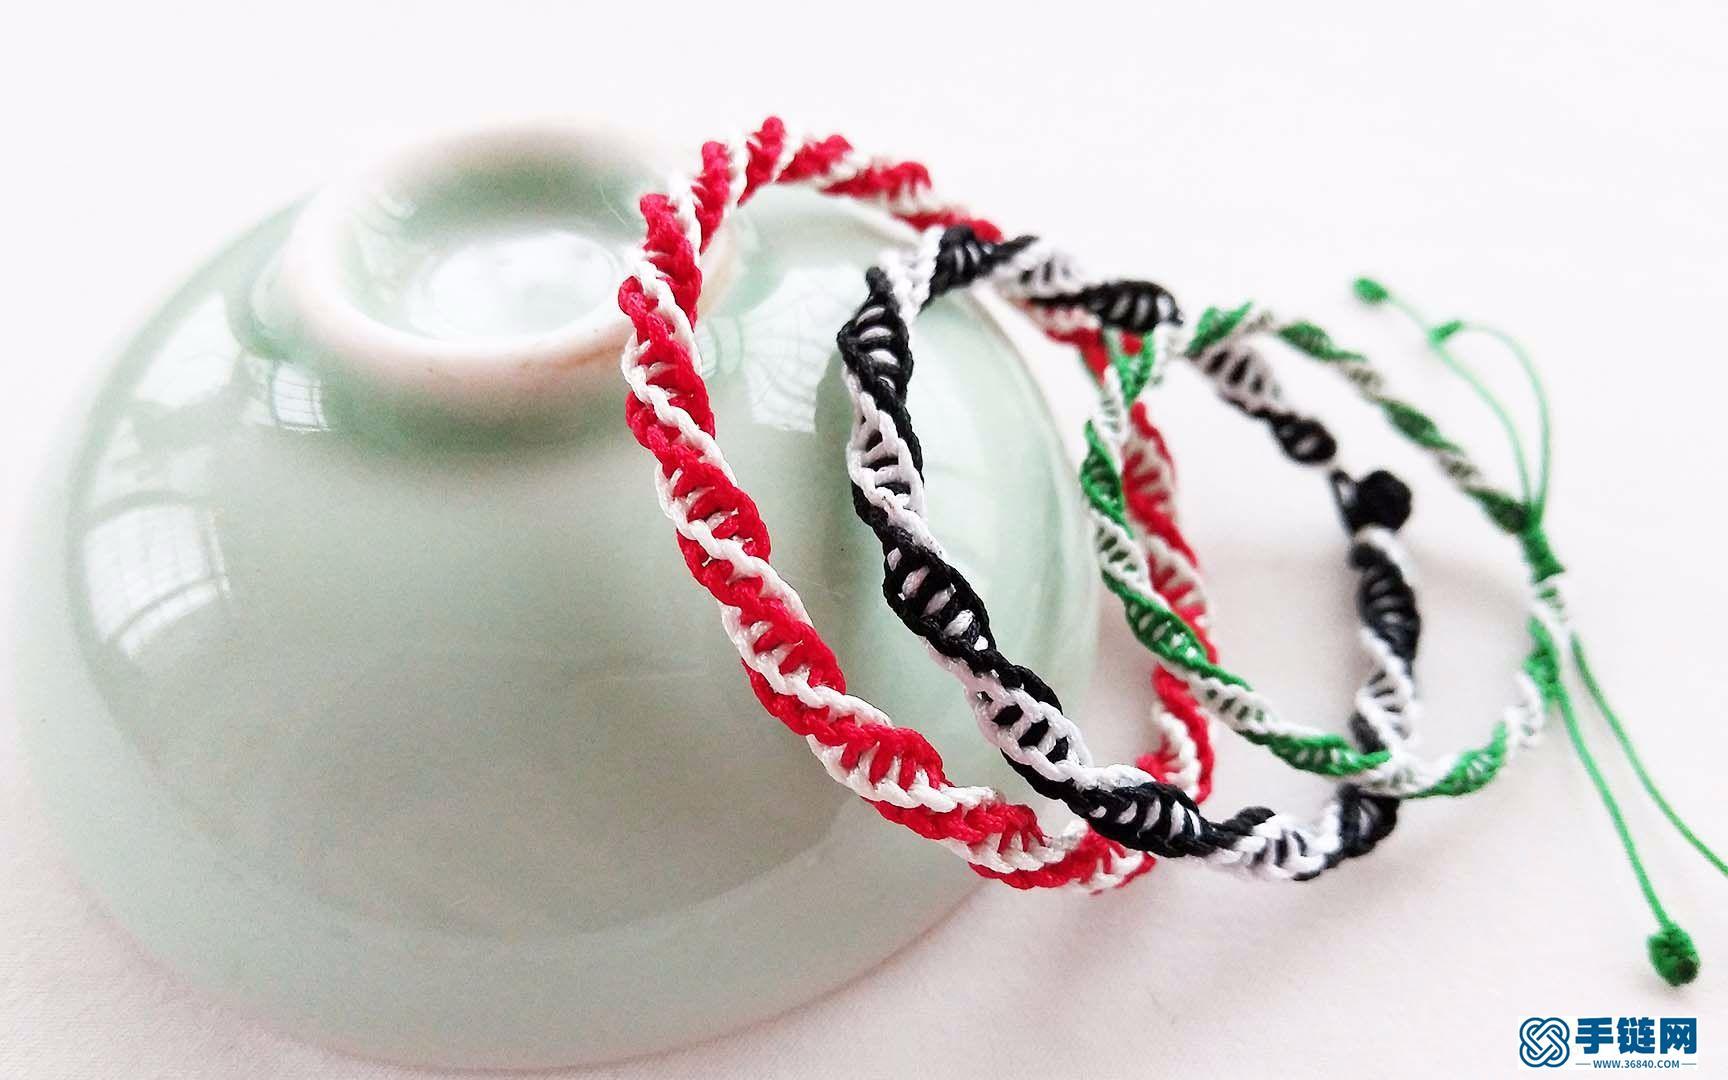 一分钟就能学会的红绳手链,款式步骤简单易学